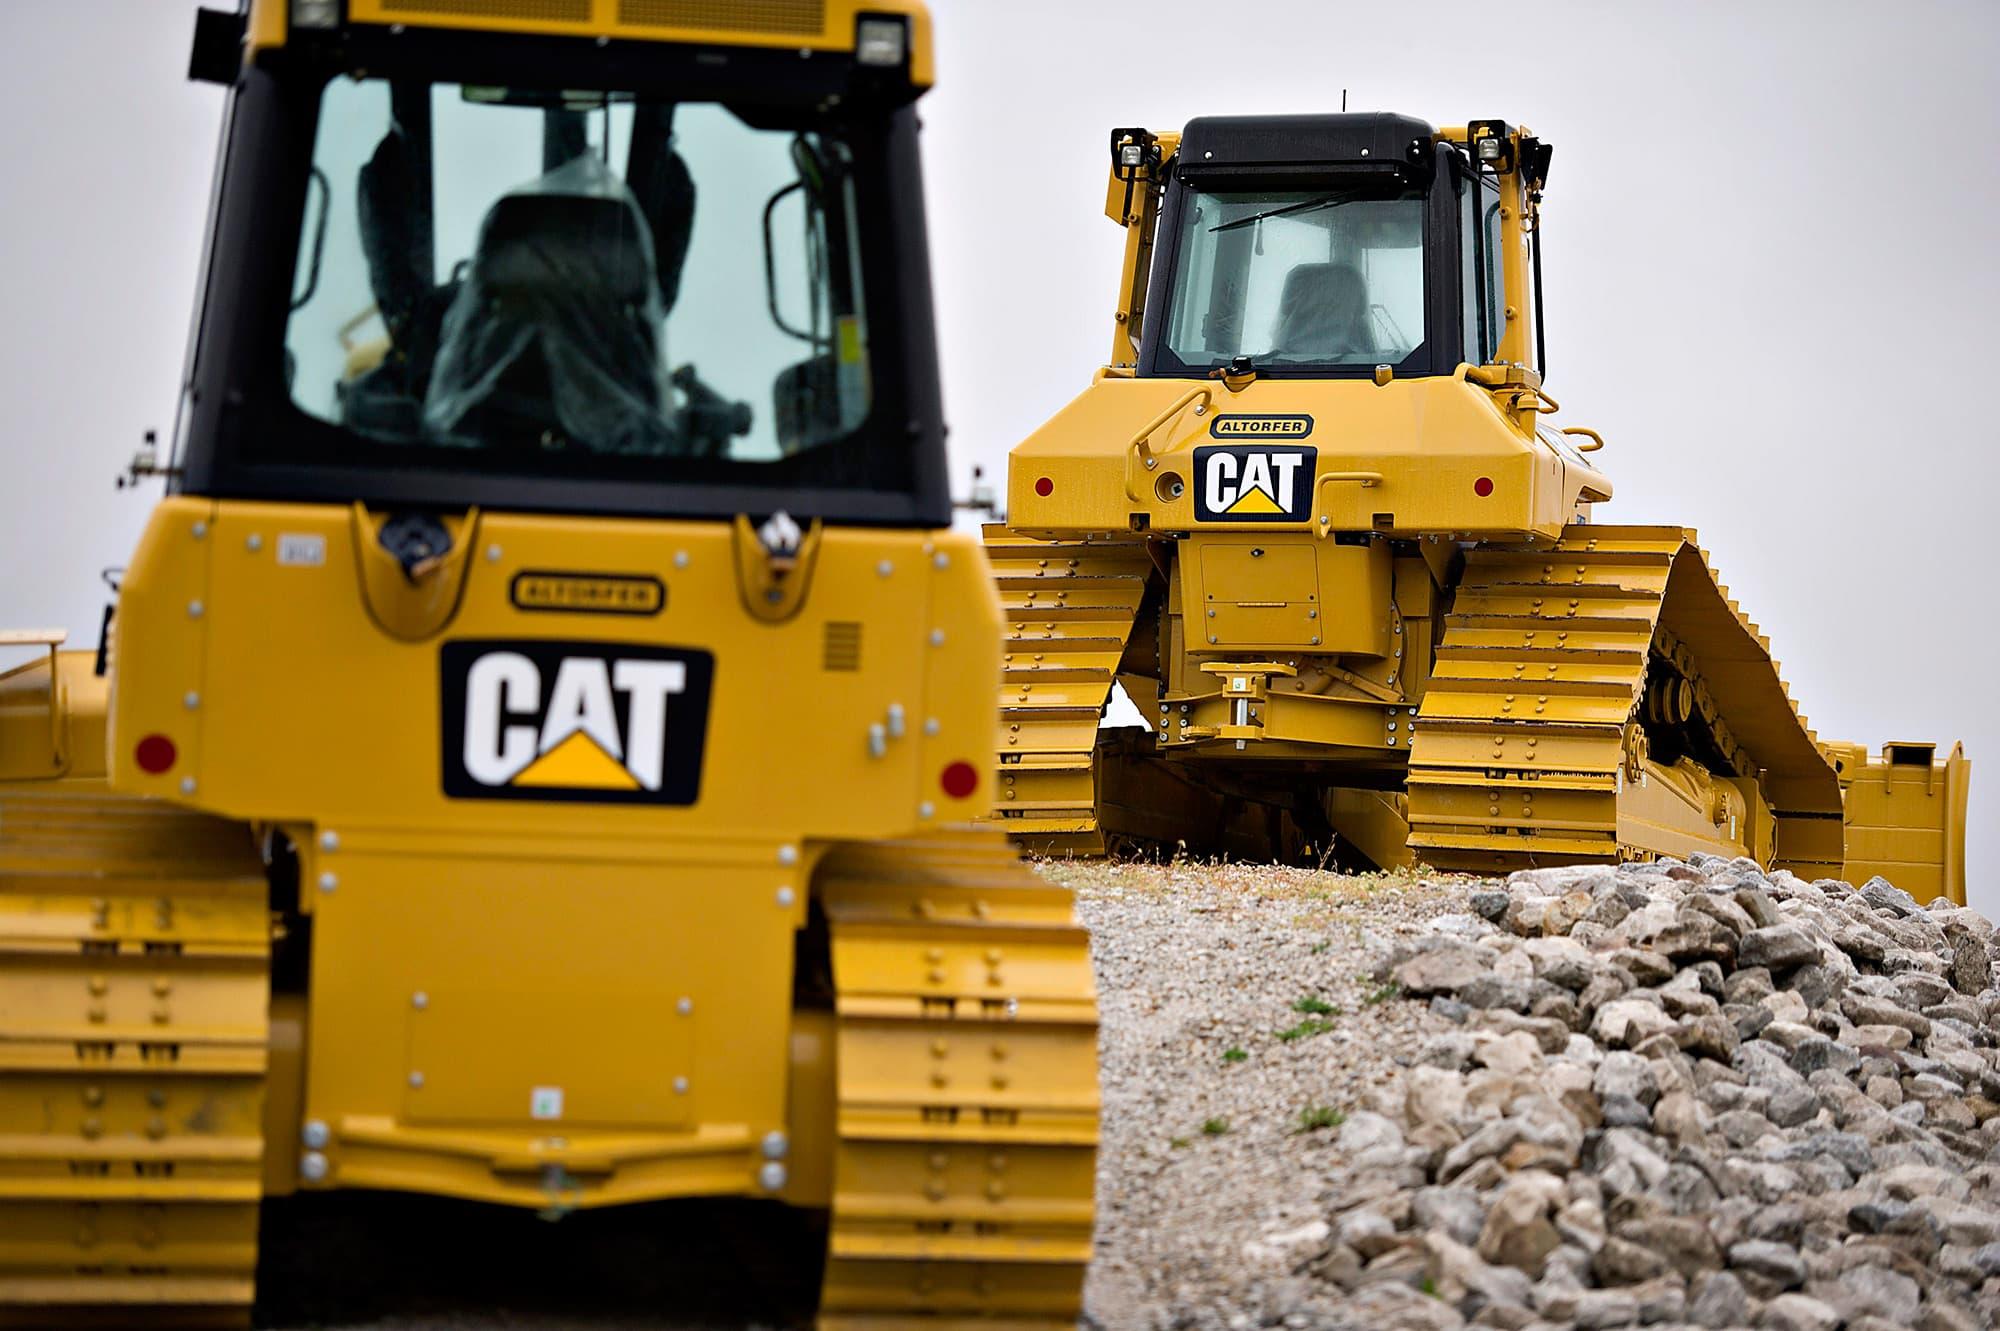 Спецтехника cat производитель постановление кемеровской области о пассажирских перевозках